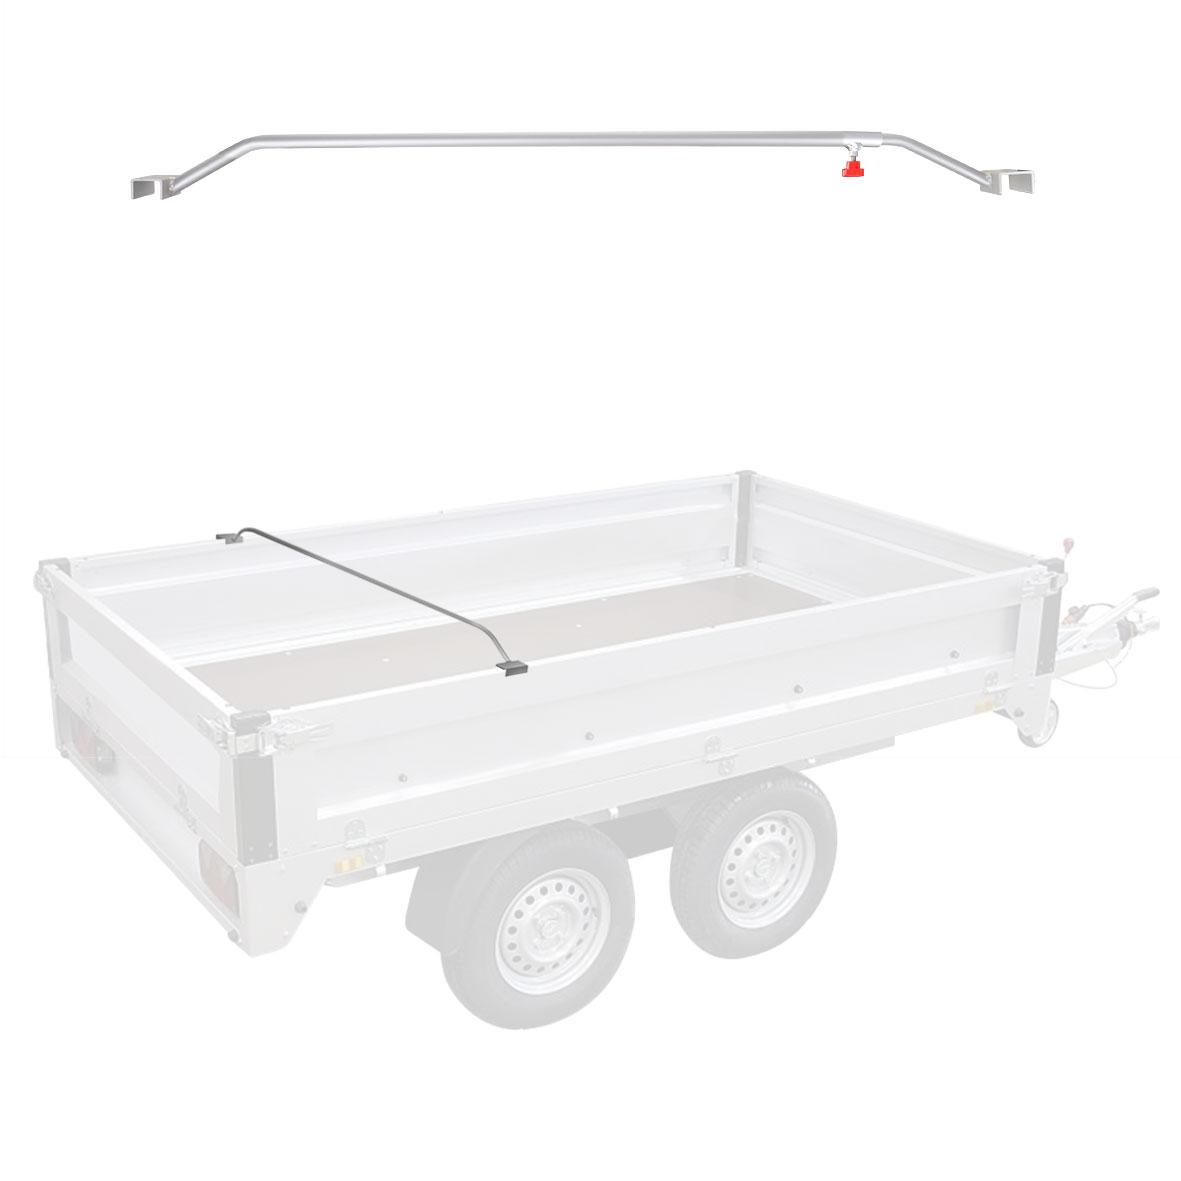 Anhänger Flachplanenbügel Aluminium verstellbar 108 - 146 cm Knaufschraube